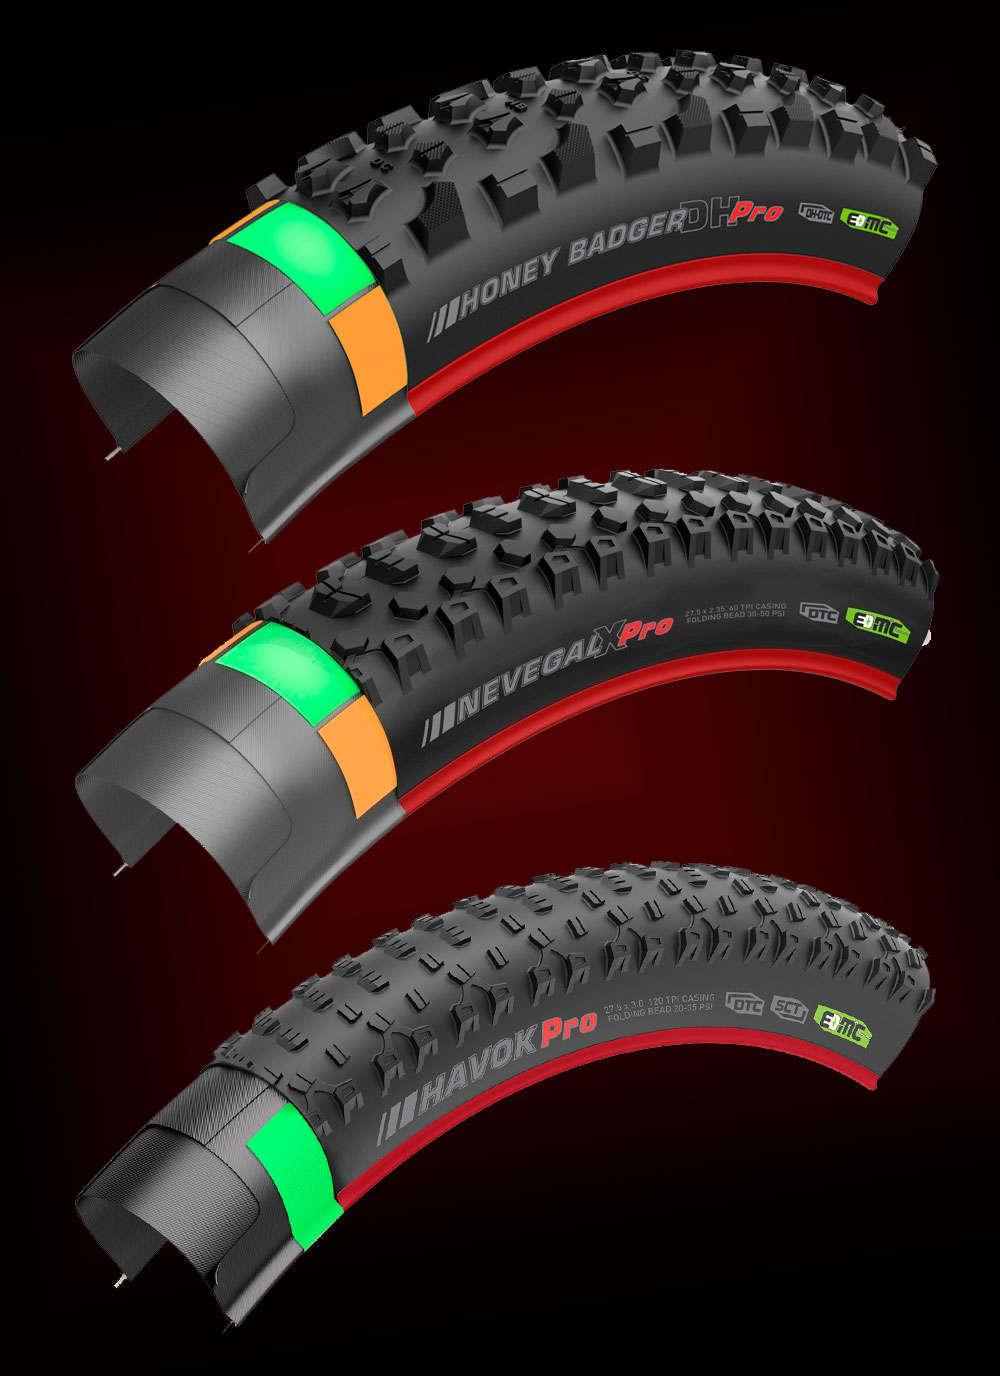 En TodoMountainBike: Kenda amplía su gama de neumáticos compatibles con bicicletas eléctricas, ahora con denominación EB50, EB25 y EMC